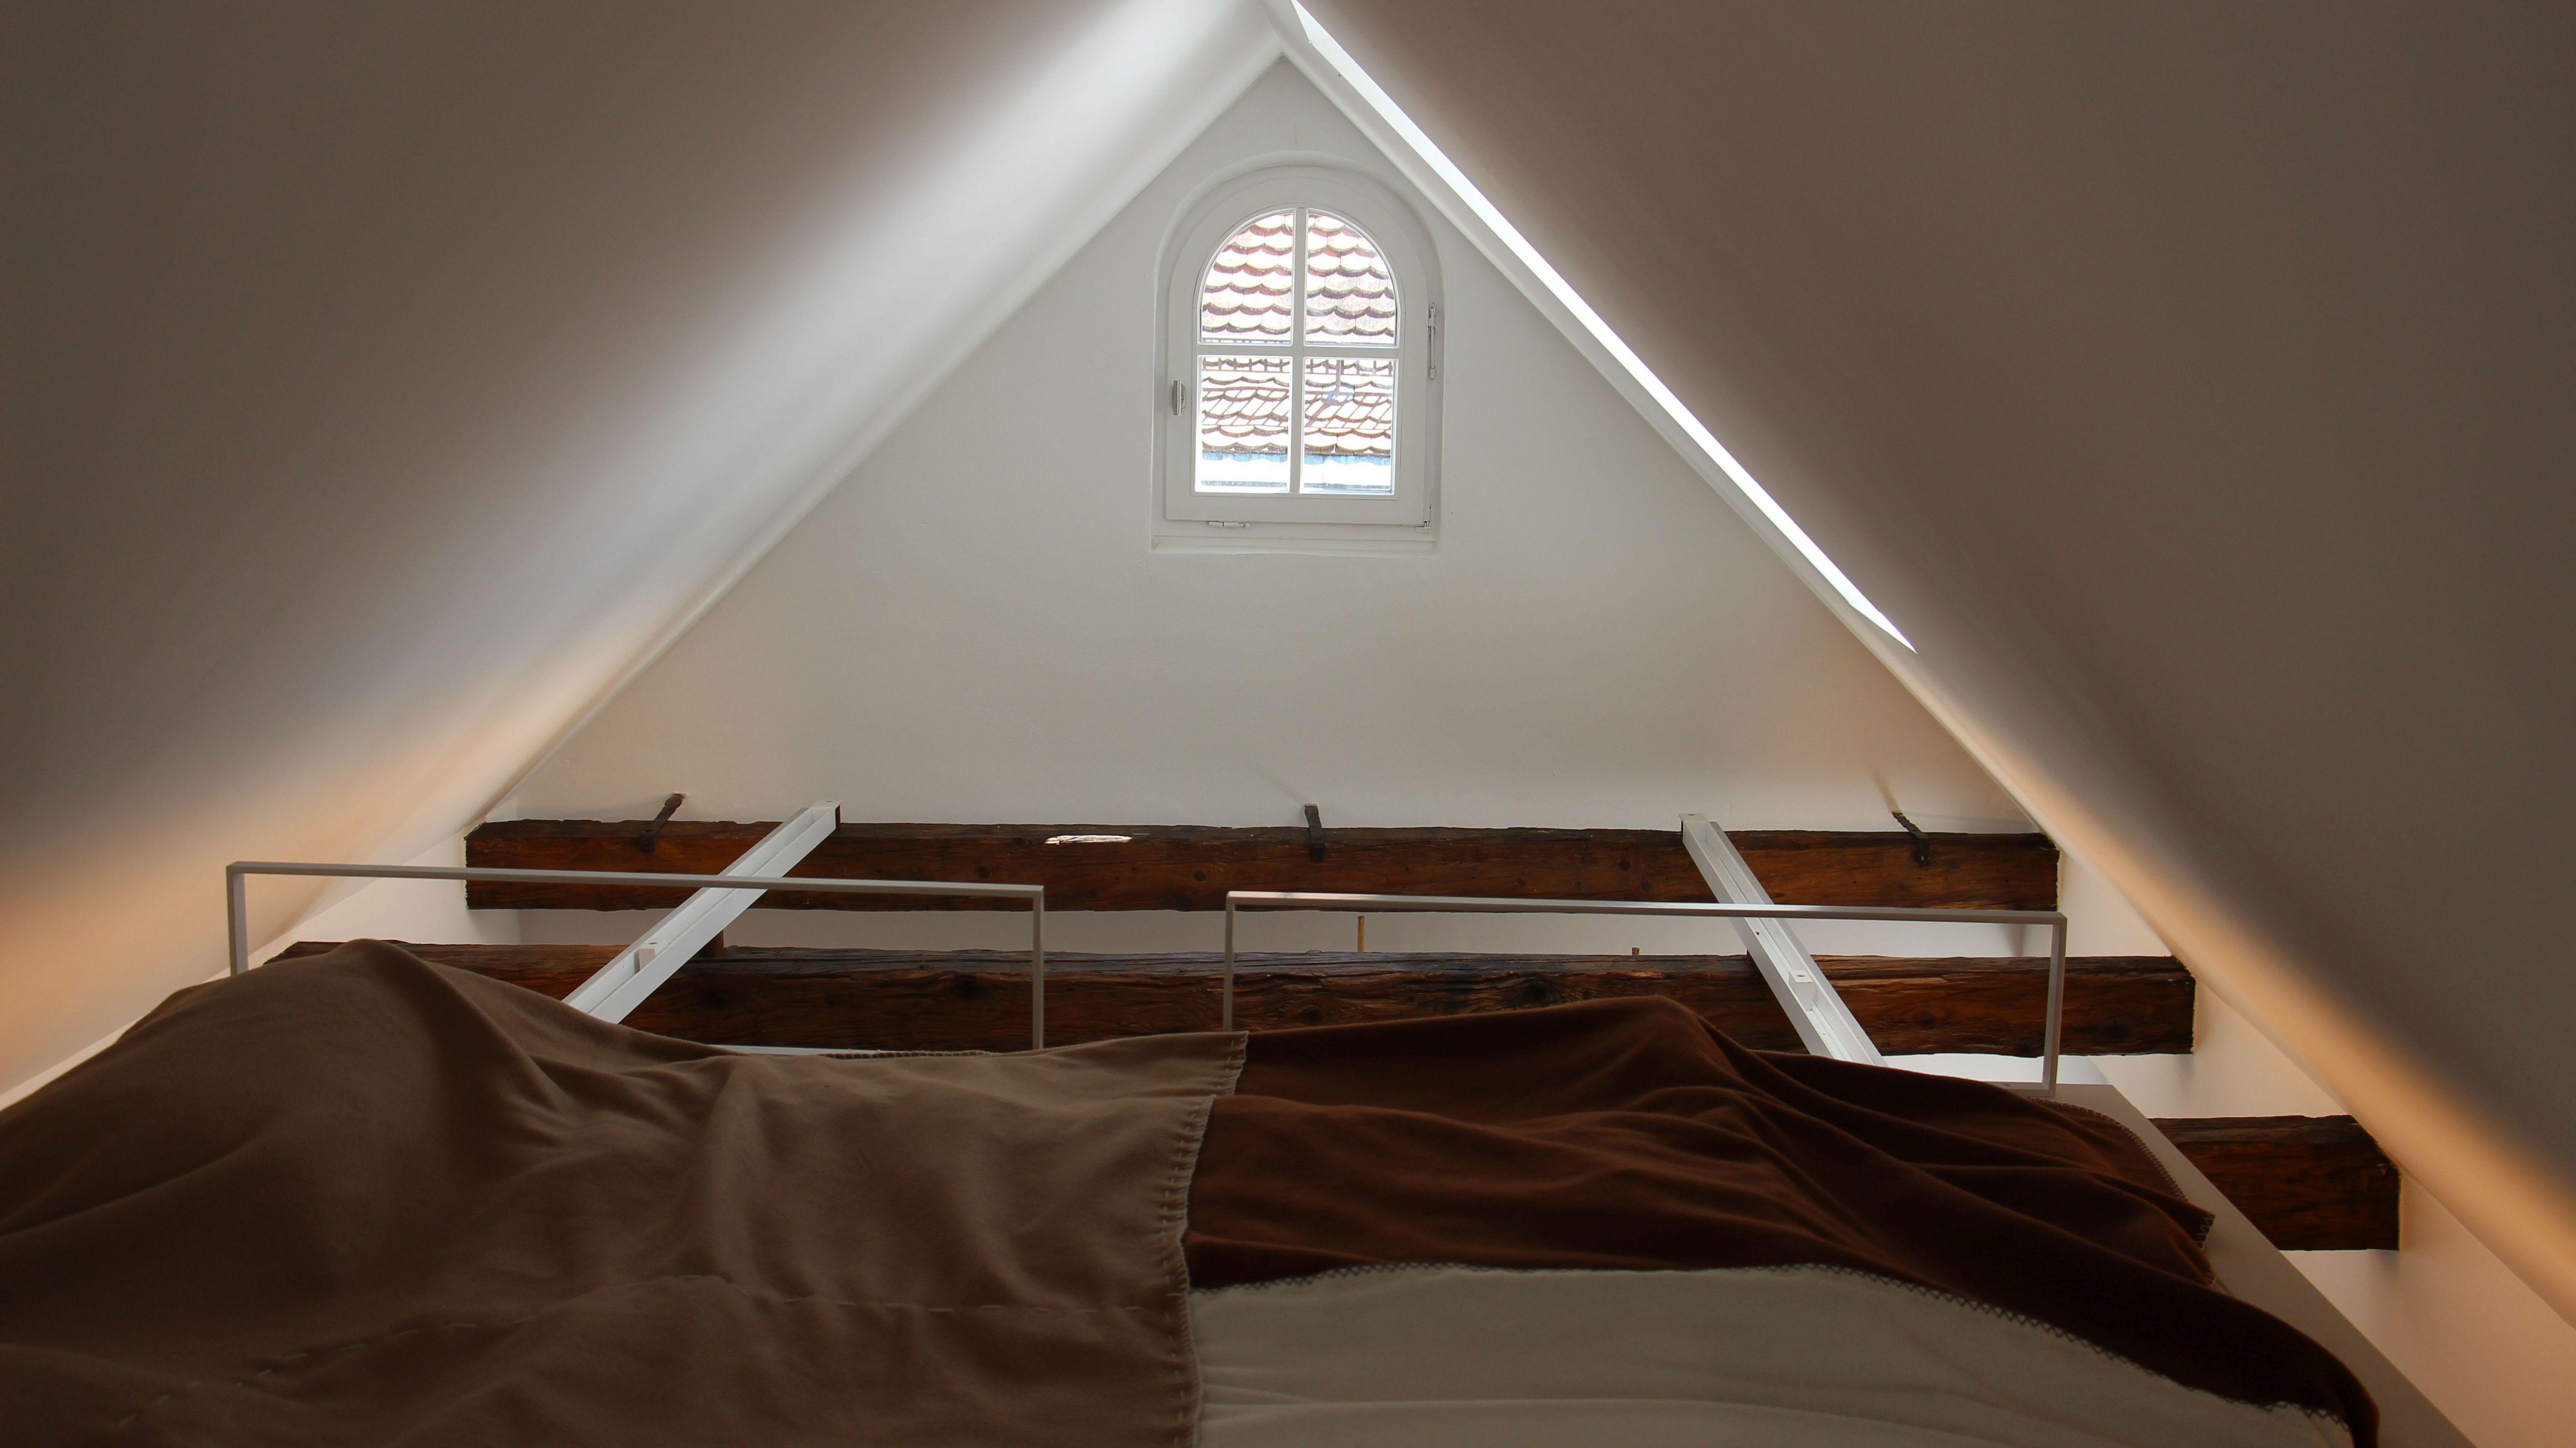 Auch dieses 2017 fertig sanierte Dachgeschoss in einem denkmalgeschützten Haus in der Regensburger Altstadt war bei den Architektouren zu sehen.